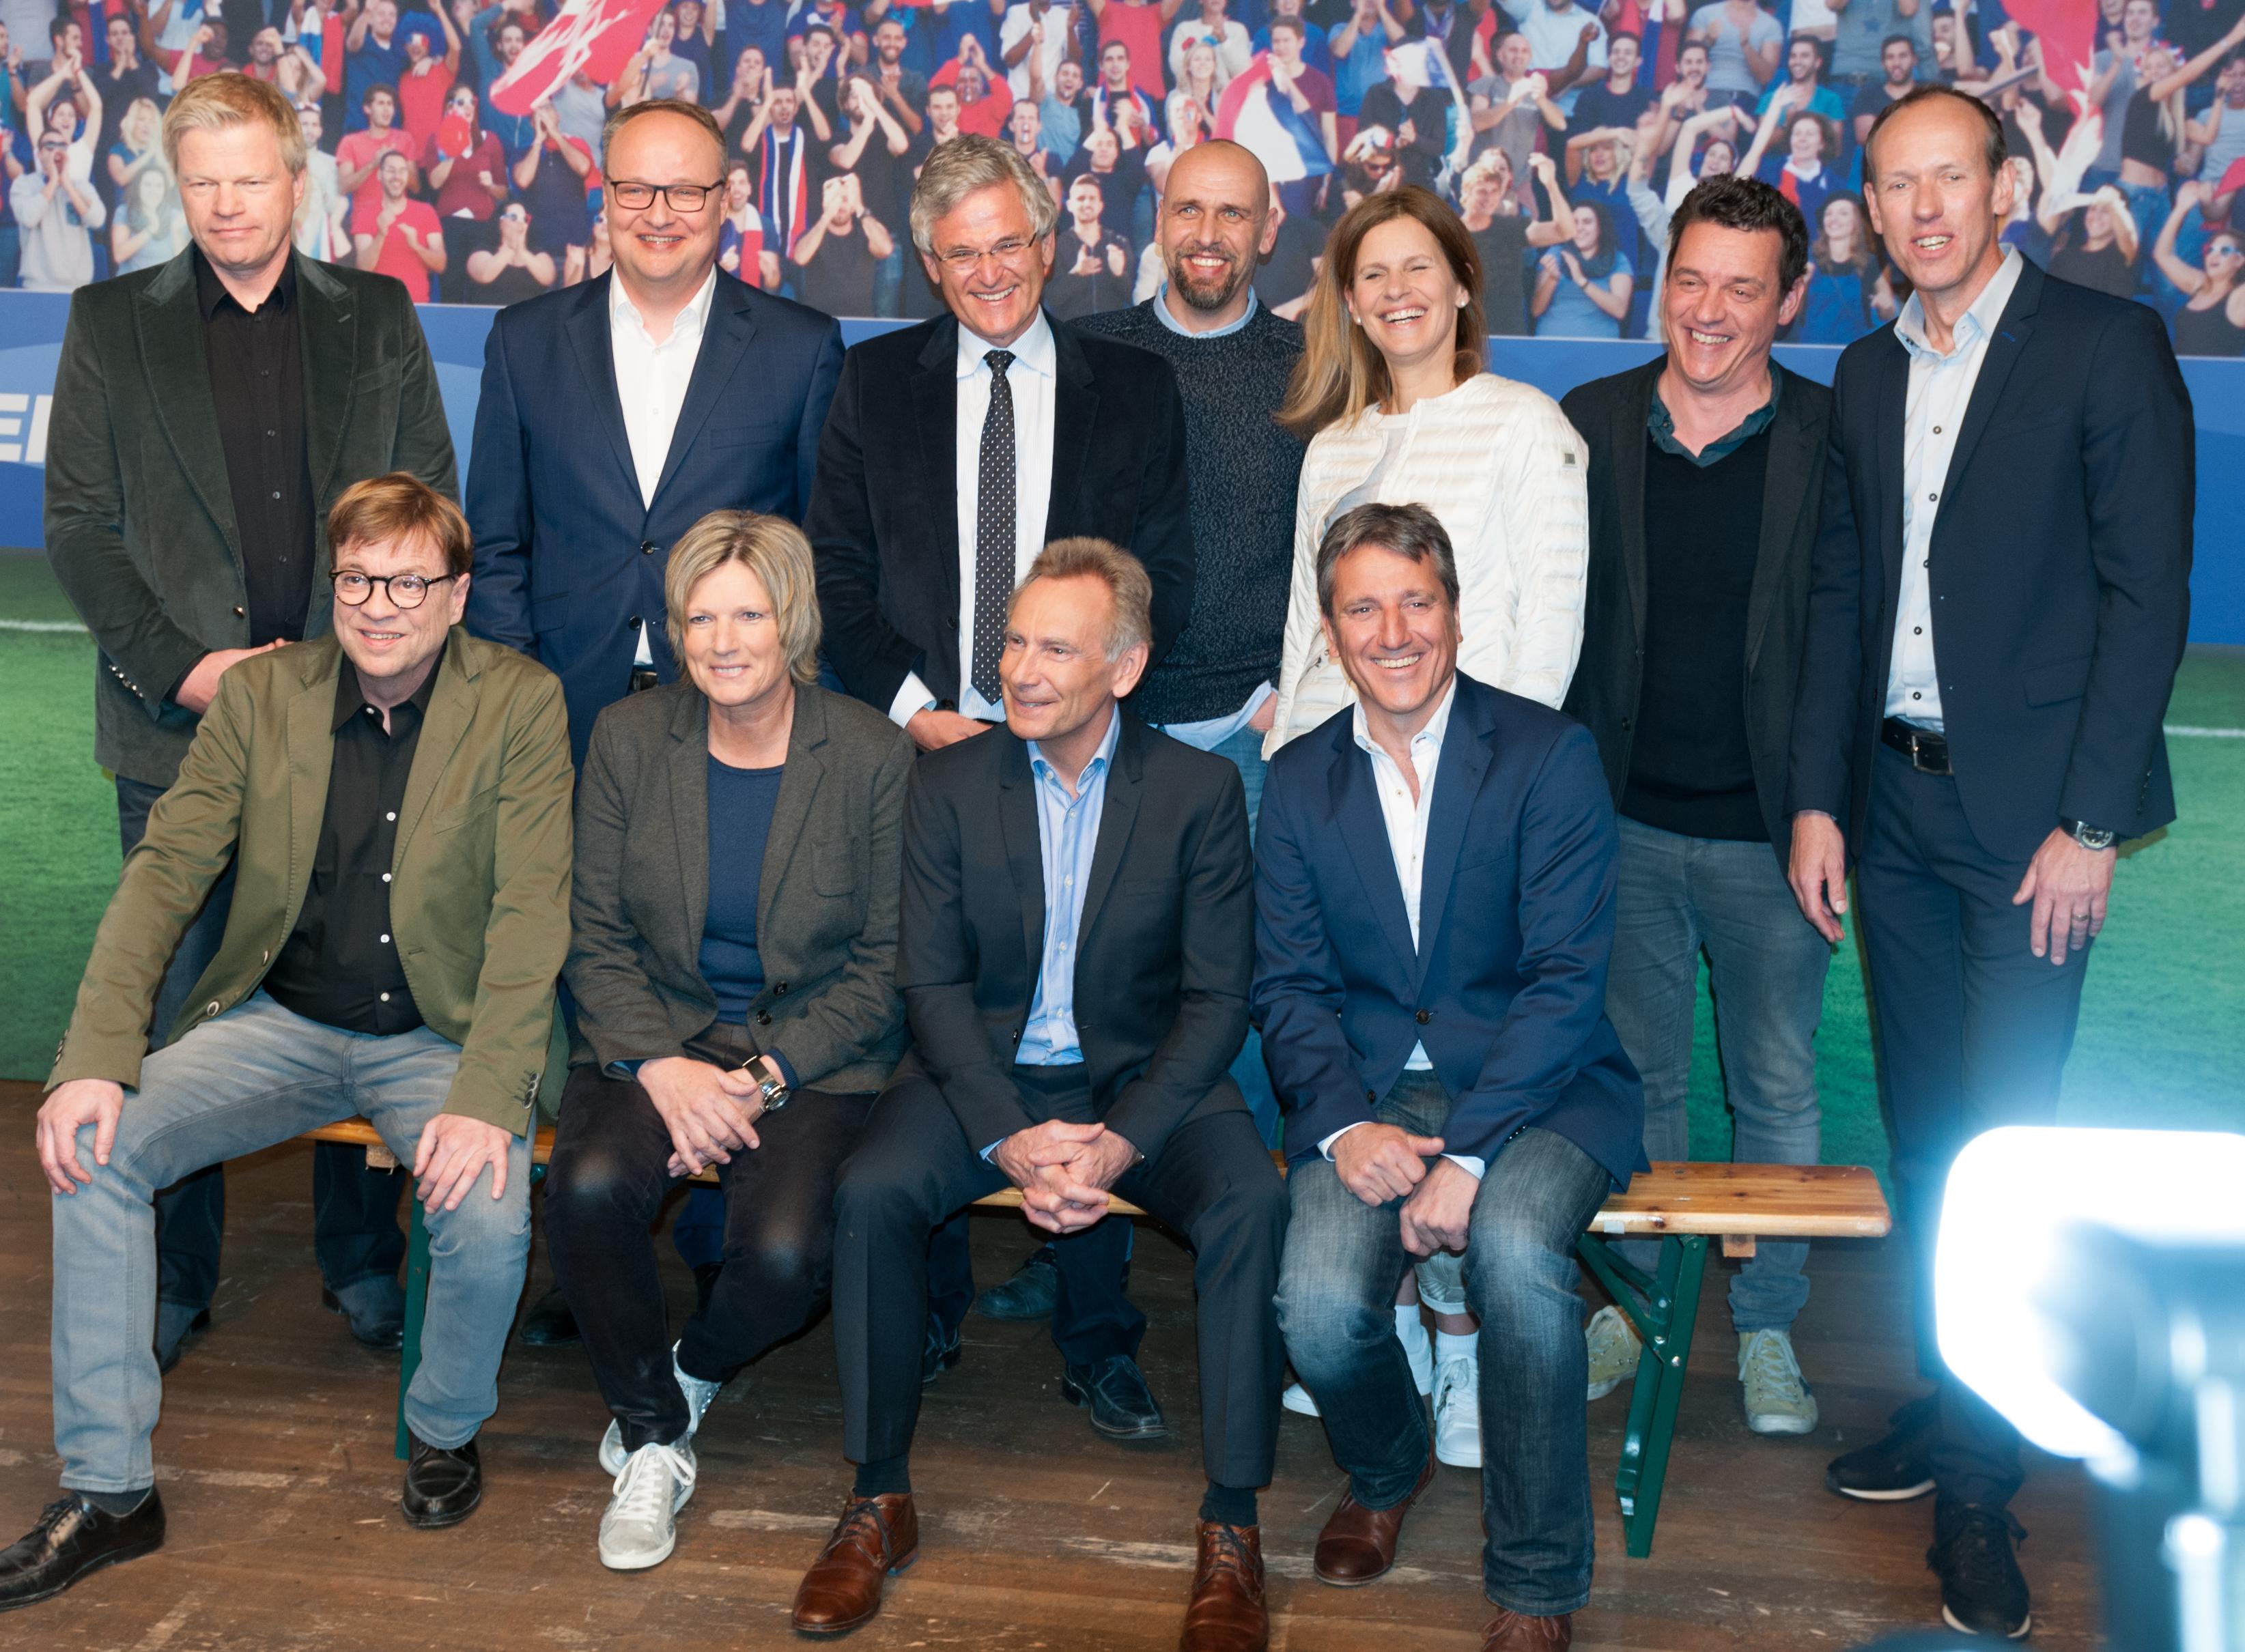 pressekonferenz ard zdf zur fuball em 2016 - Alexander Bommes Lebenslauf